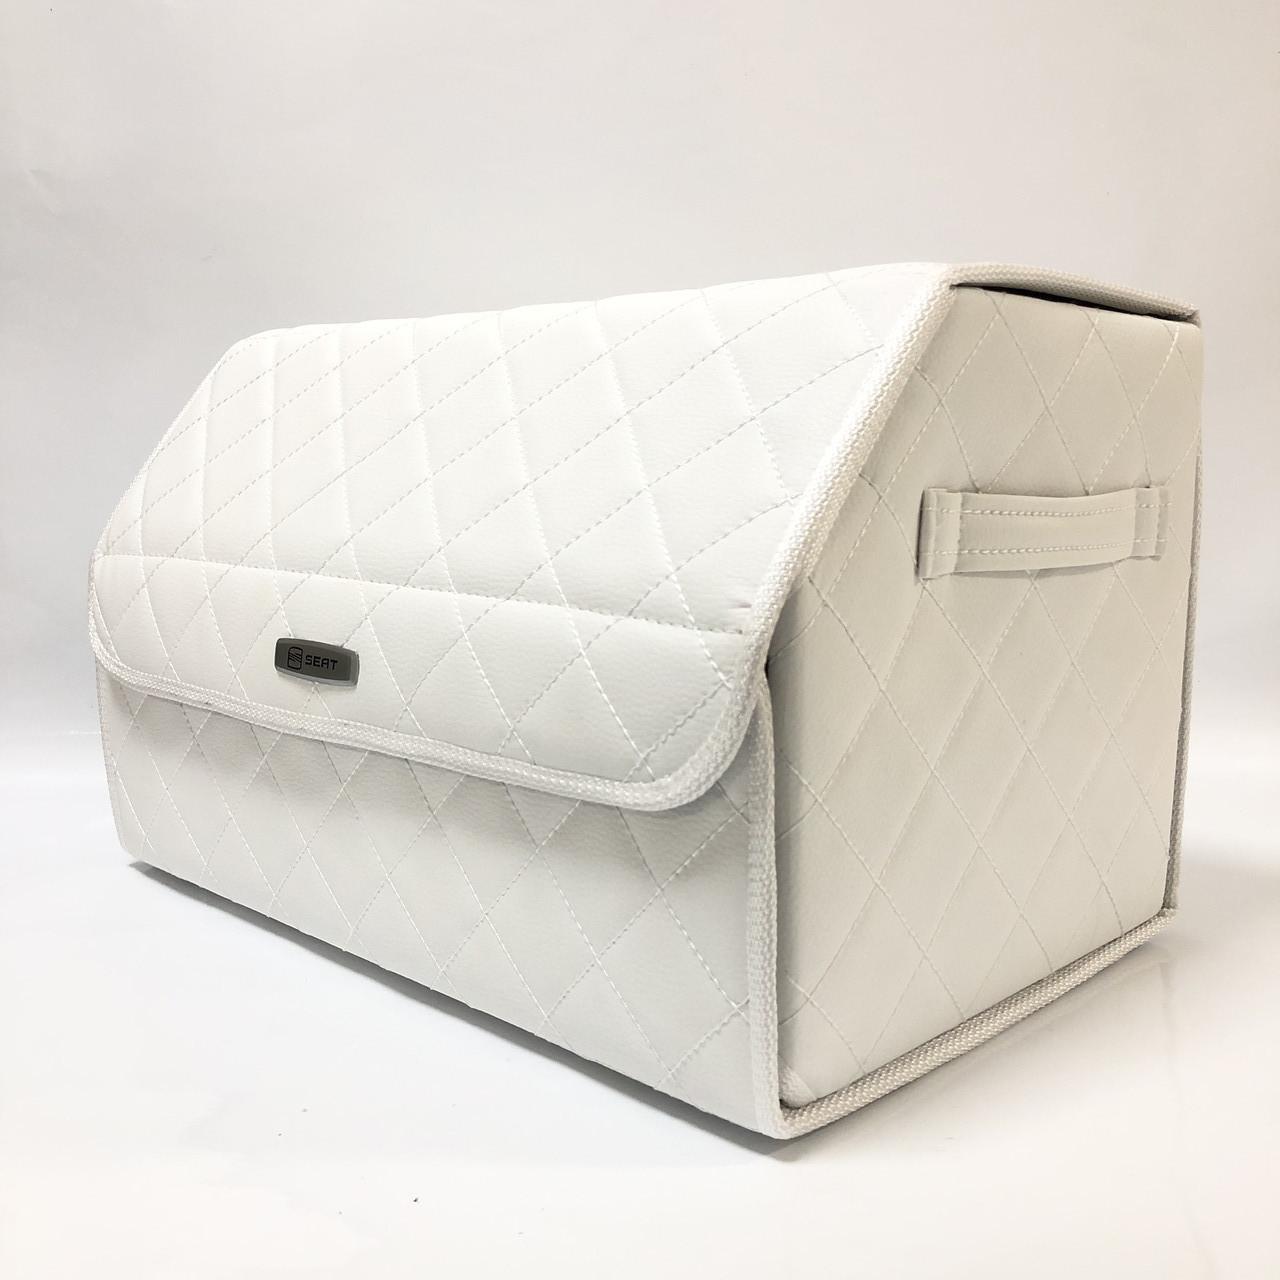 Саквояж с лого в багажник «SEAT» I Органайзер в авто Белый Сеат